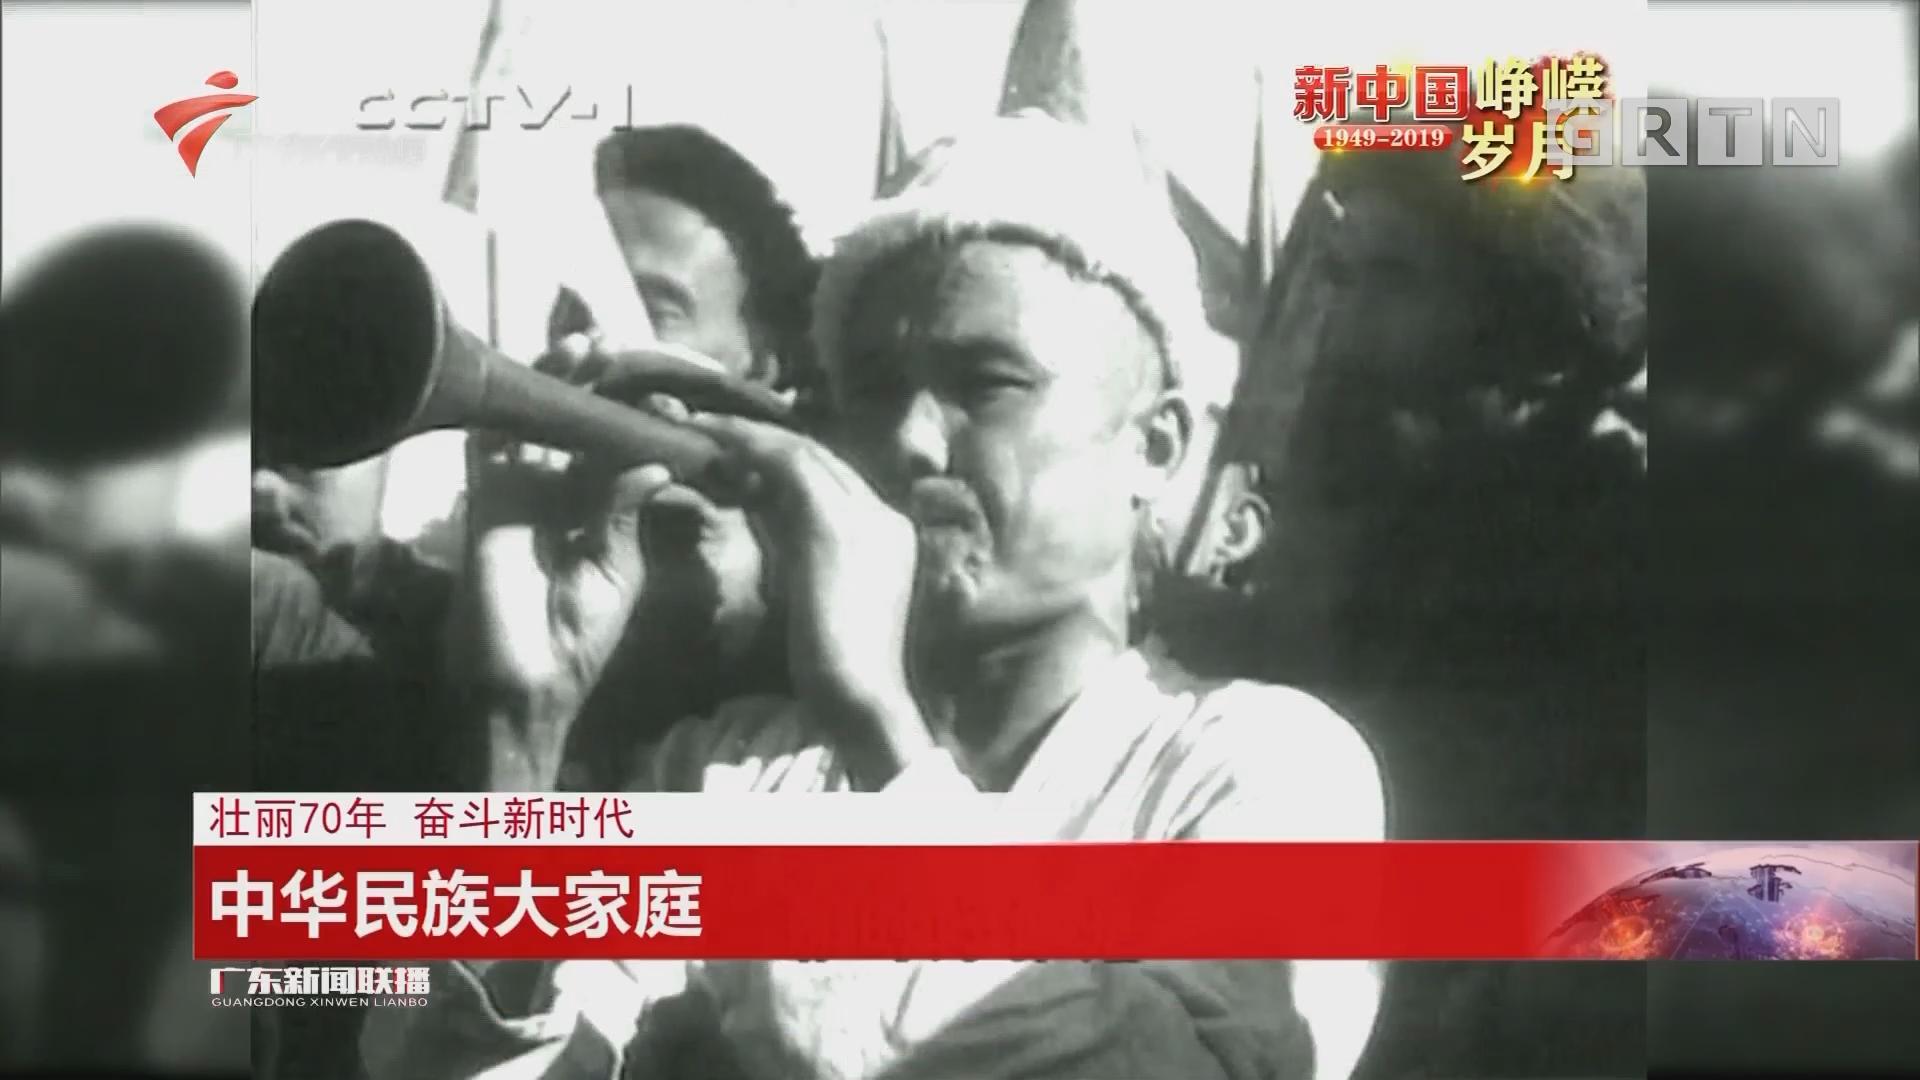 壮丽70年 奋斗新时代:中华民族大家庭